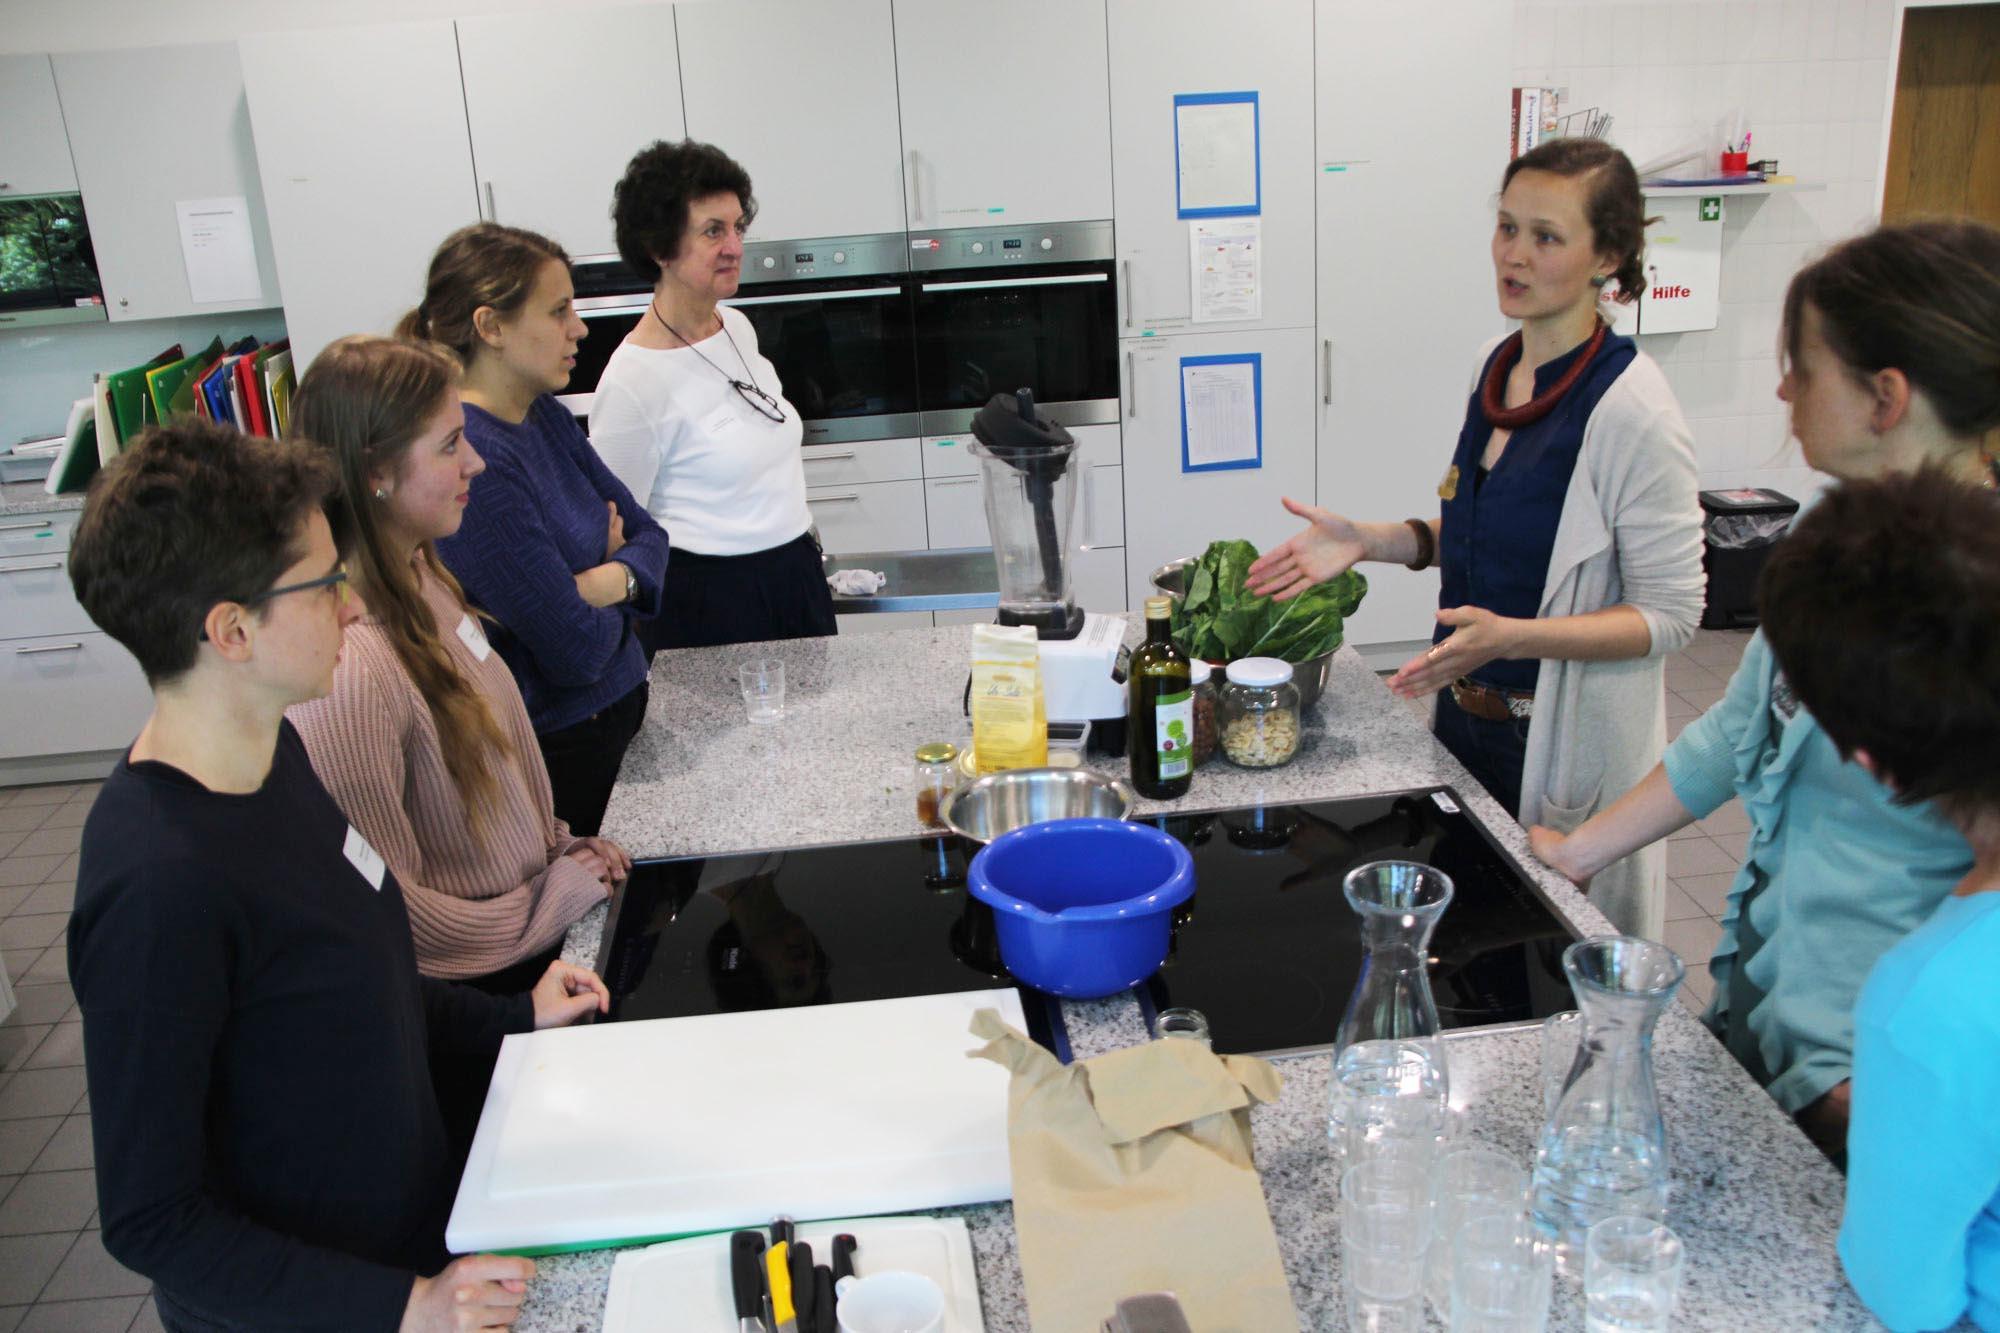 Ein schmackhafter Mittagsimbiss, der von Schülerinnen und Schülern des Berufskollegs zubereitet wurde, rundete den Tag ab. (Foto: Stadt Münster)